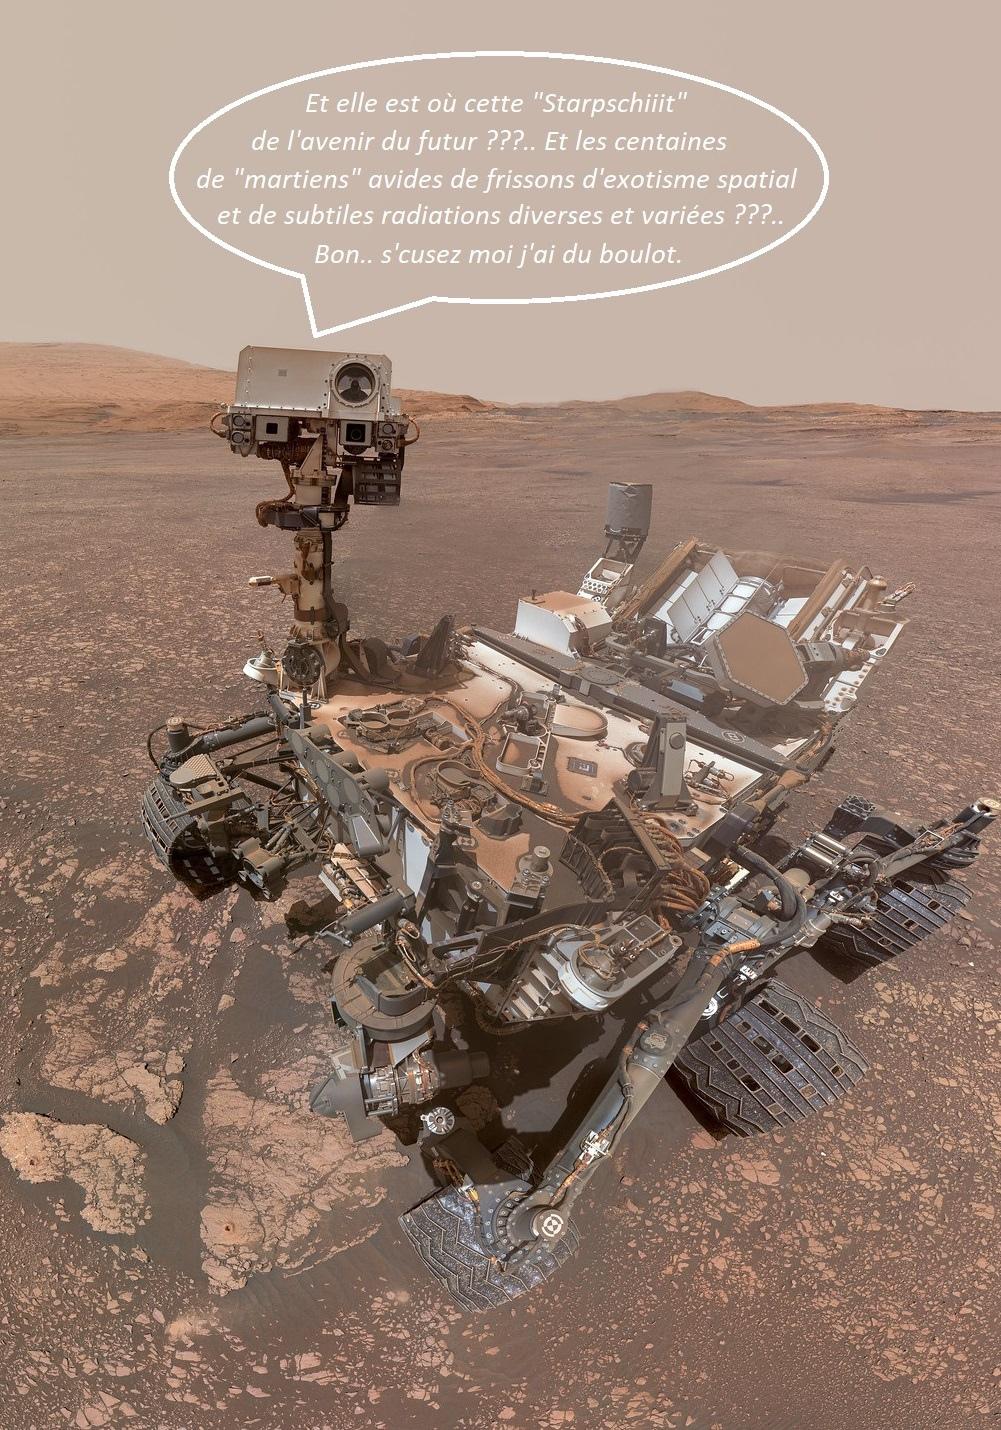 Curiosity2.jpg.499f0483d21c91cc99d33abc8d46b9ac.jpg